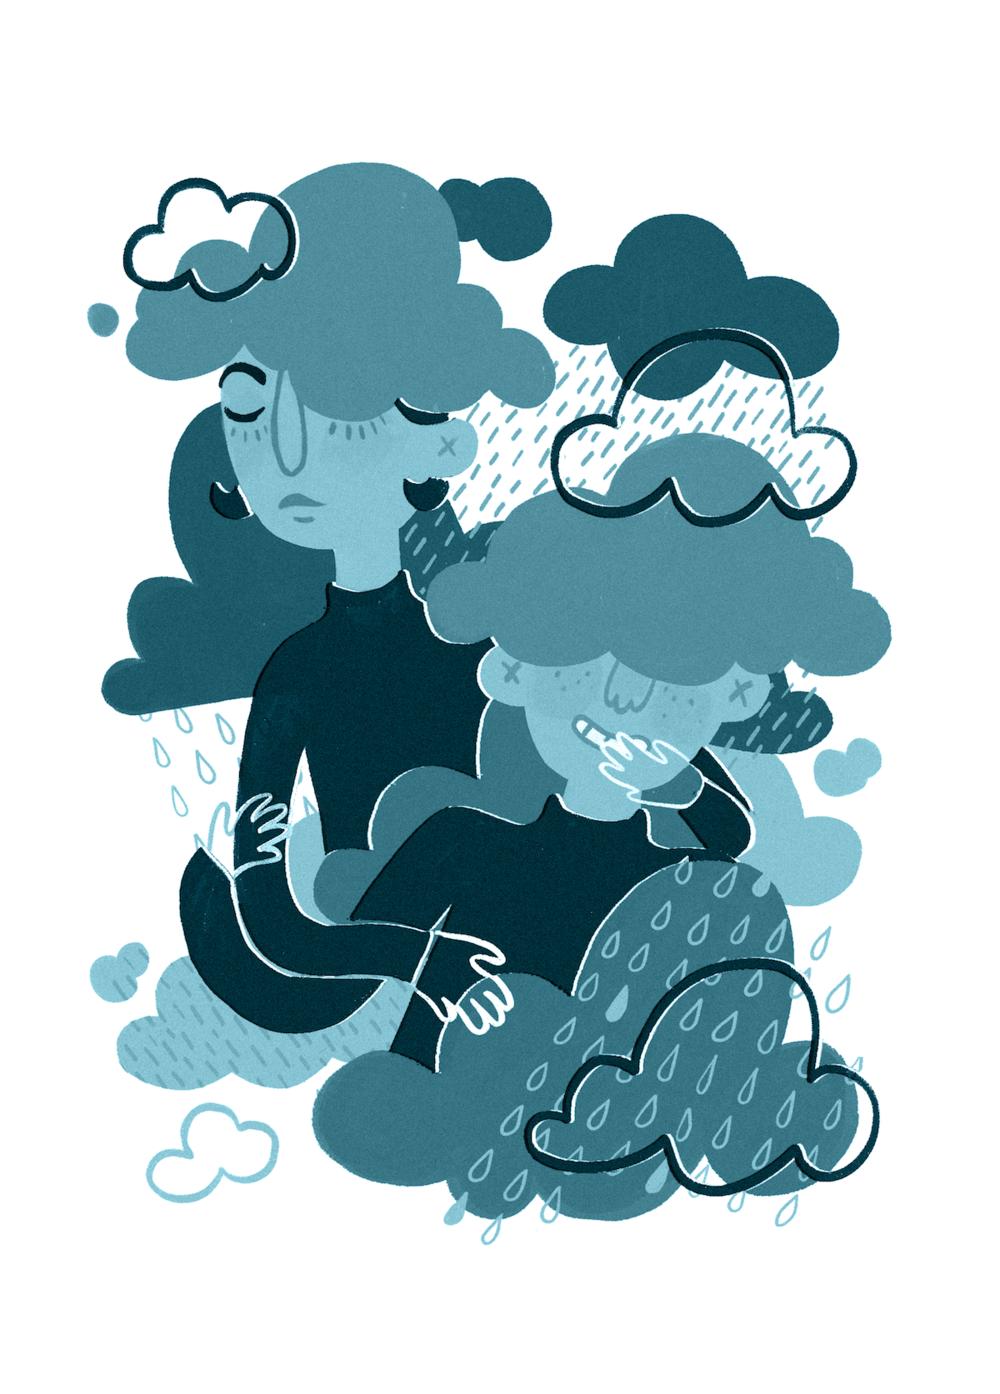 Katya-Austin-Illustration-risograph-cloudy-love-drawing.png